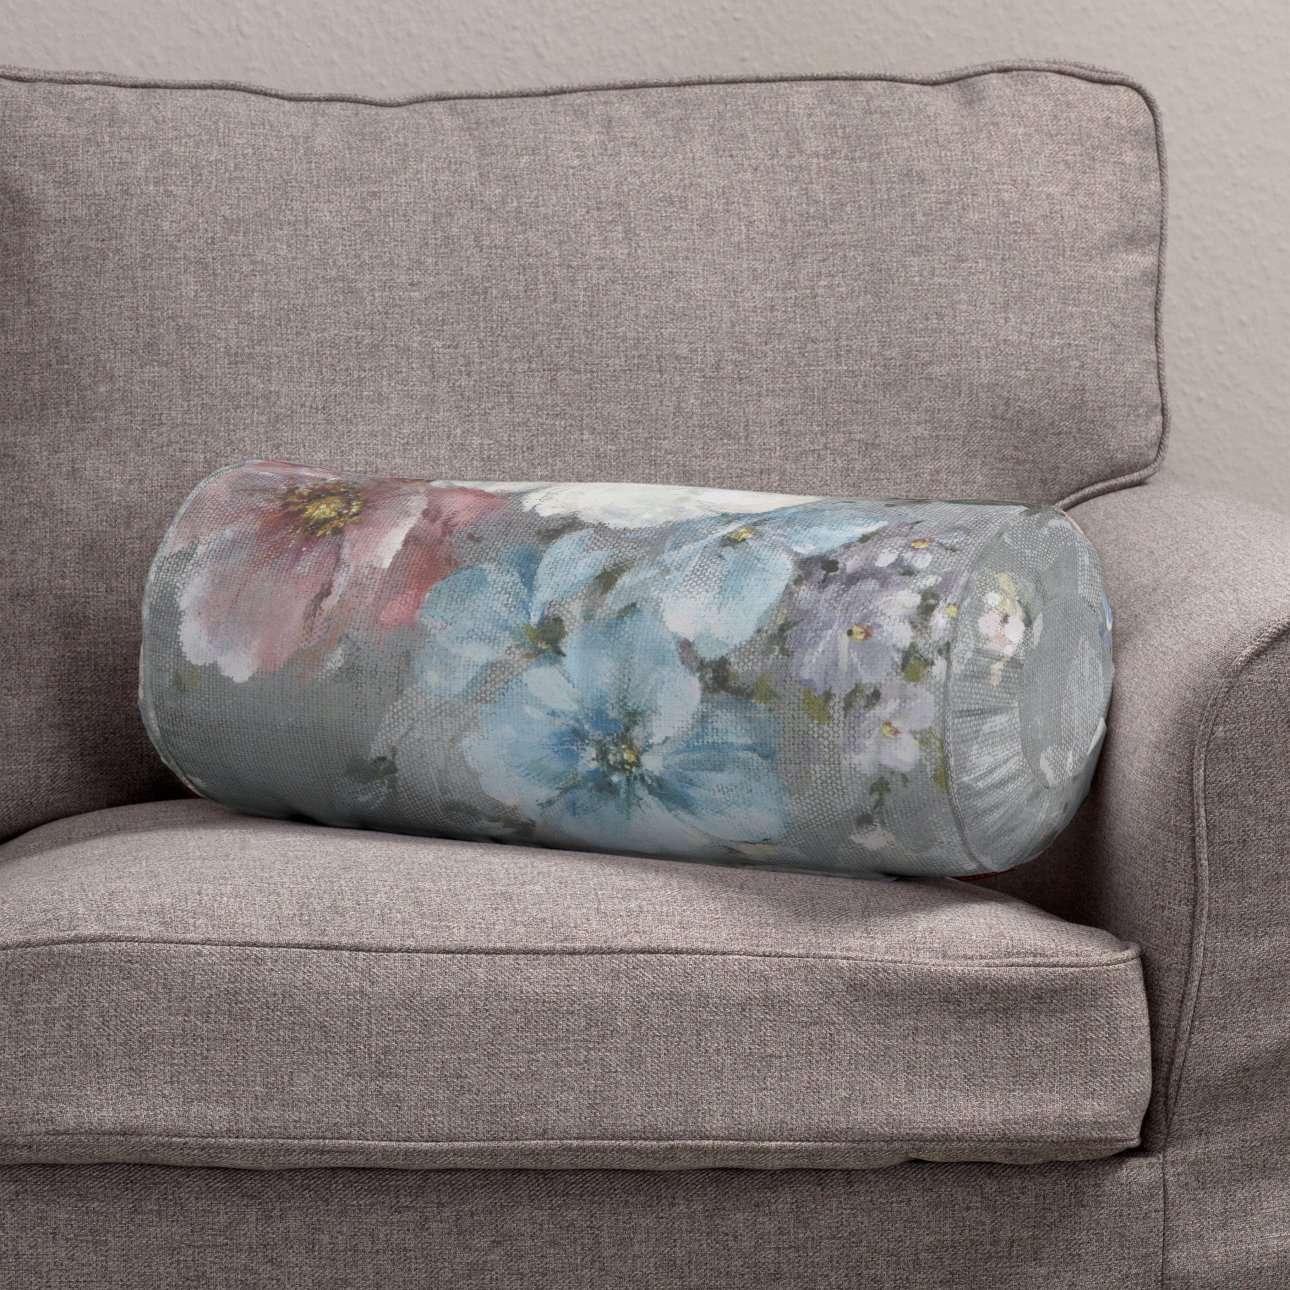 Wałek z zakładkami Ø 20 x 50 cm w kolekcji Monet, tkanina: 137-81